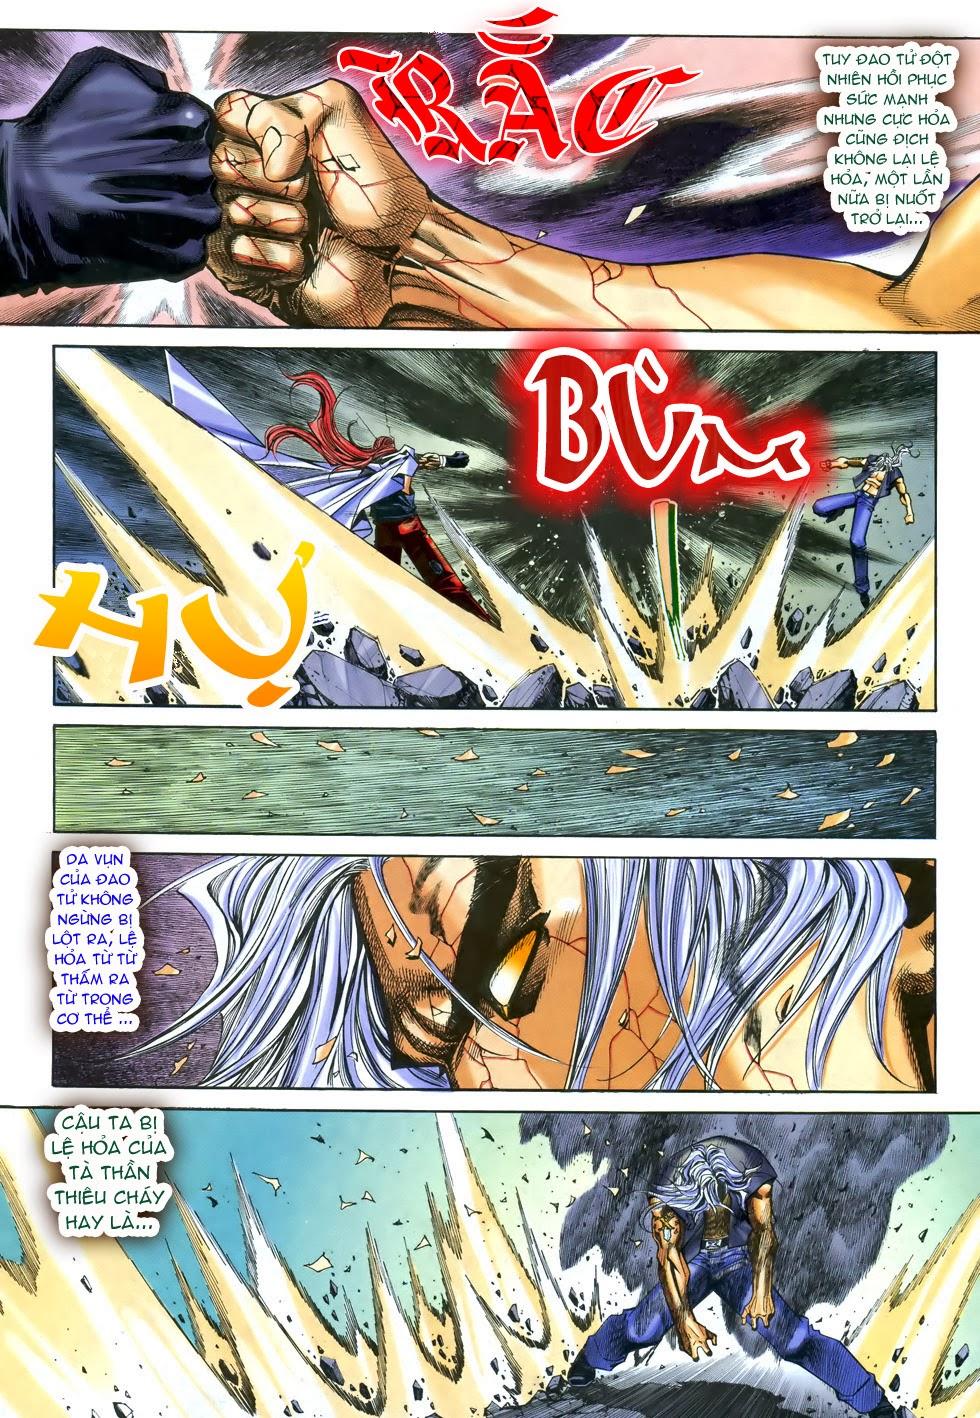 X Bạo Tộc chap 68 - Trang 21